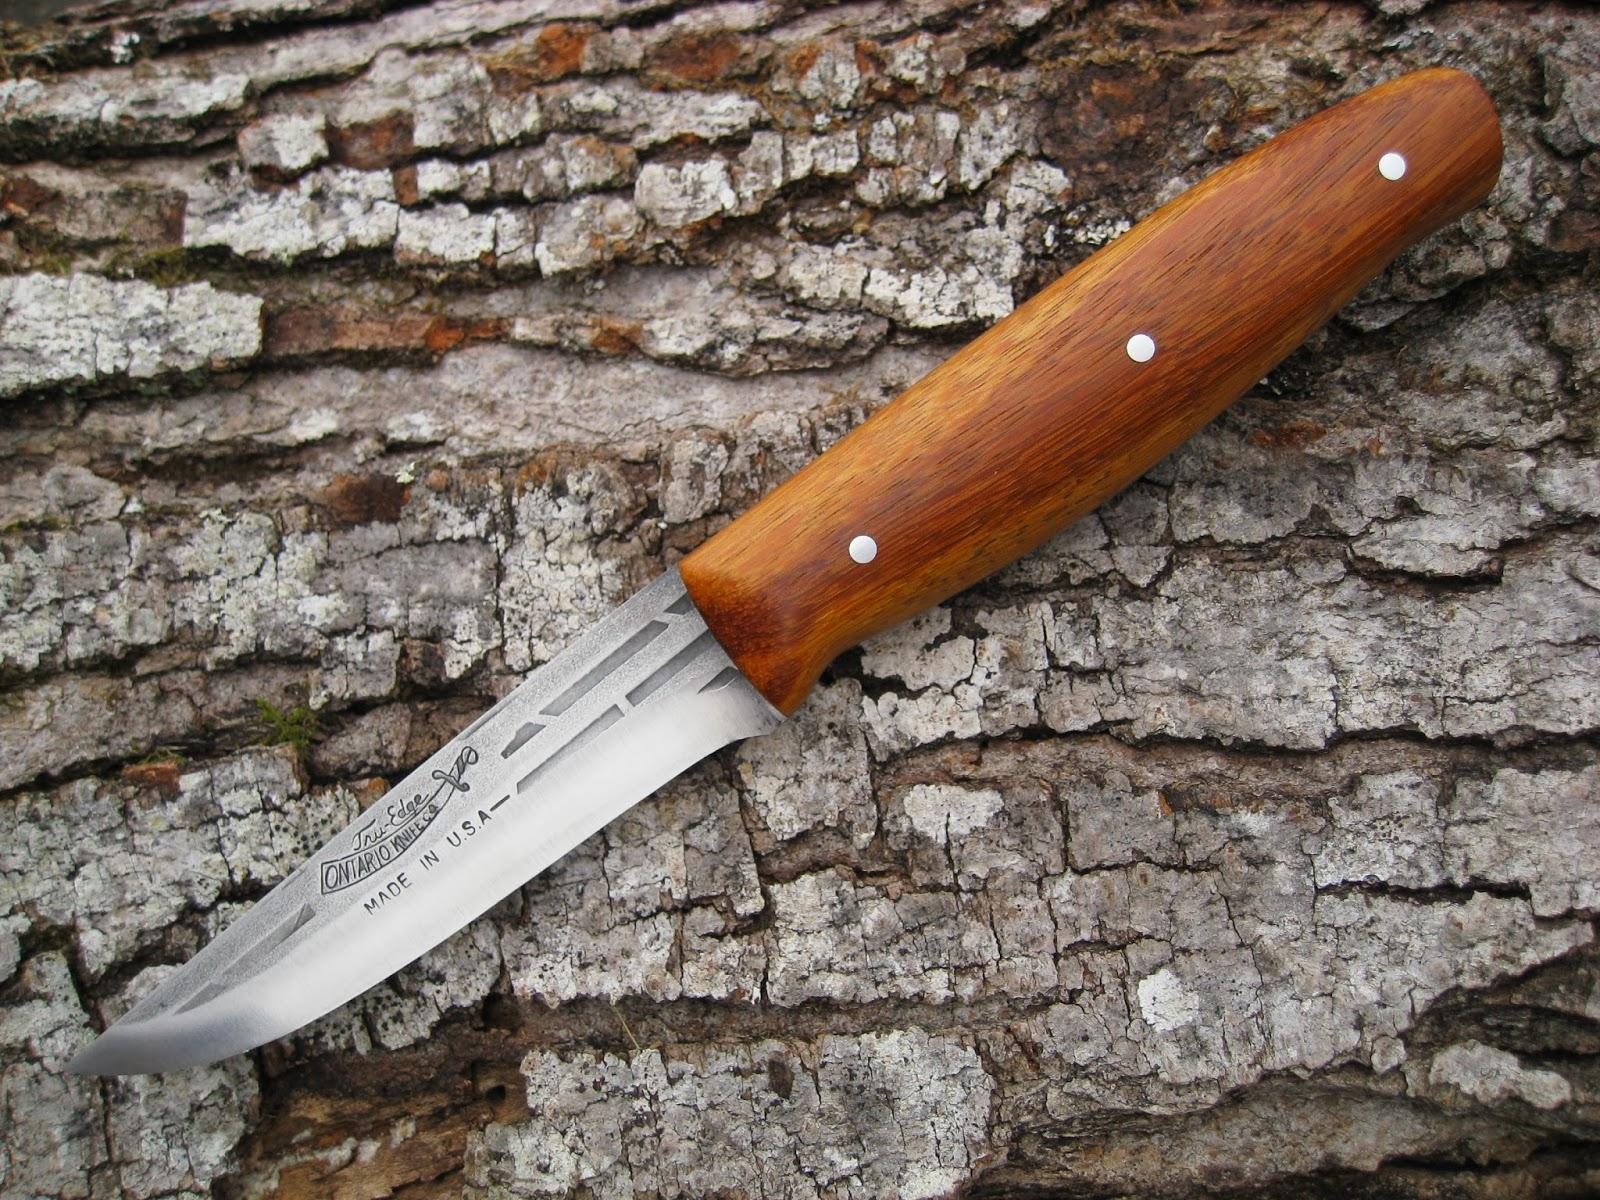 Jkl Knives Sold Jkl Knives Bushcraft Companion Prototype